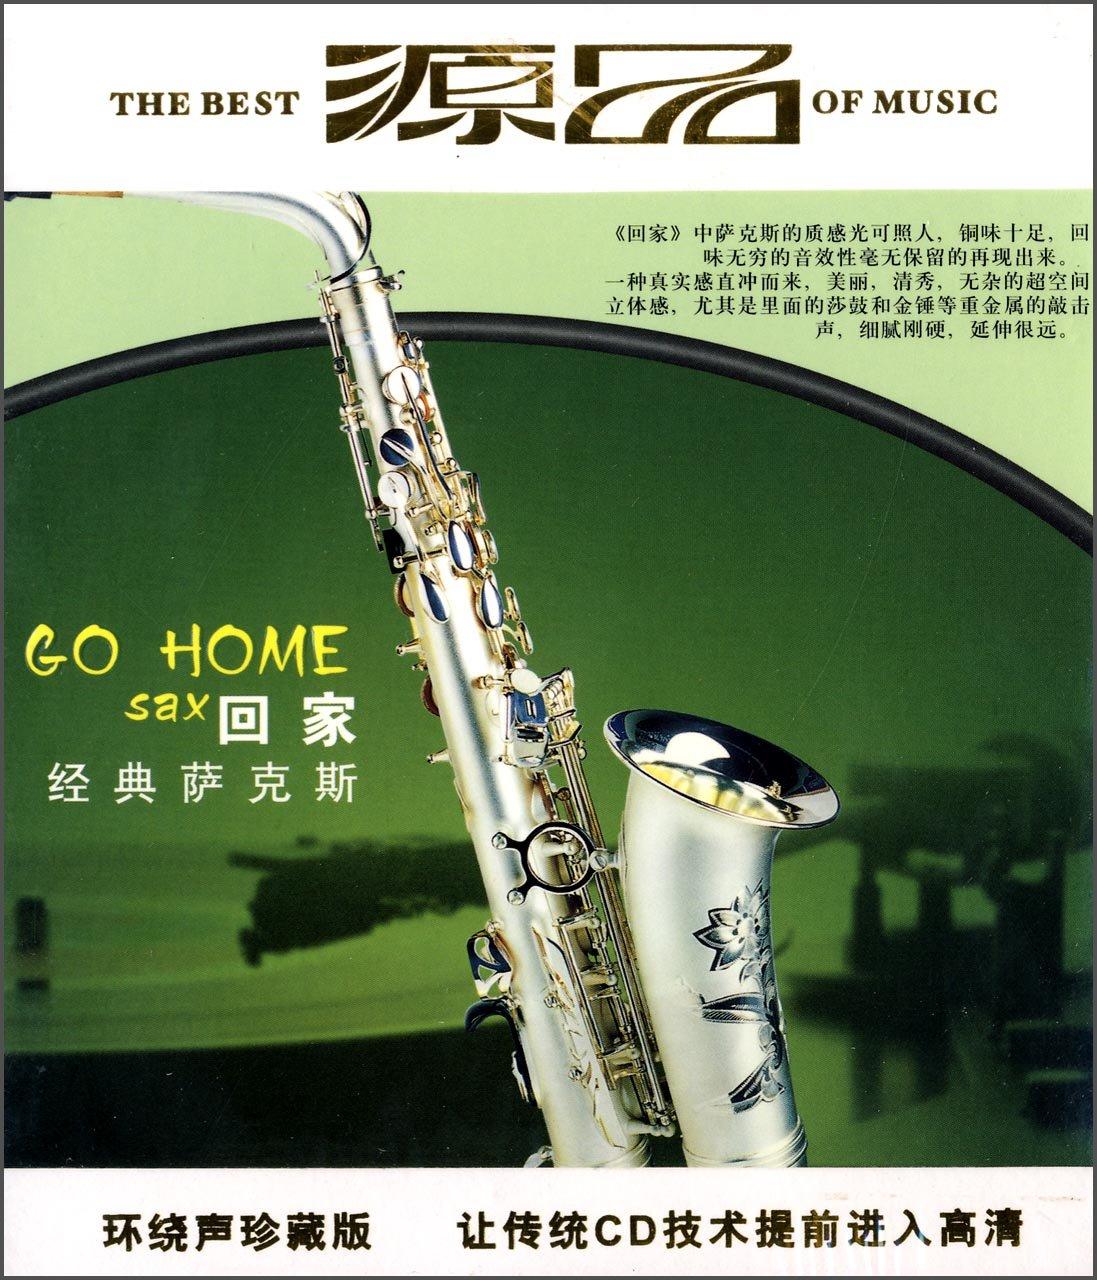 回家经典萨克斯(cd)